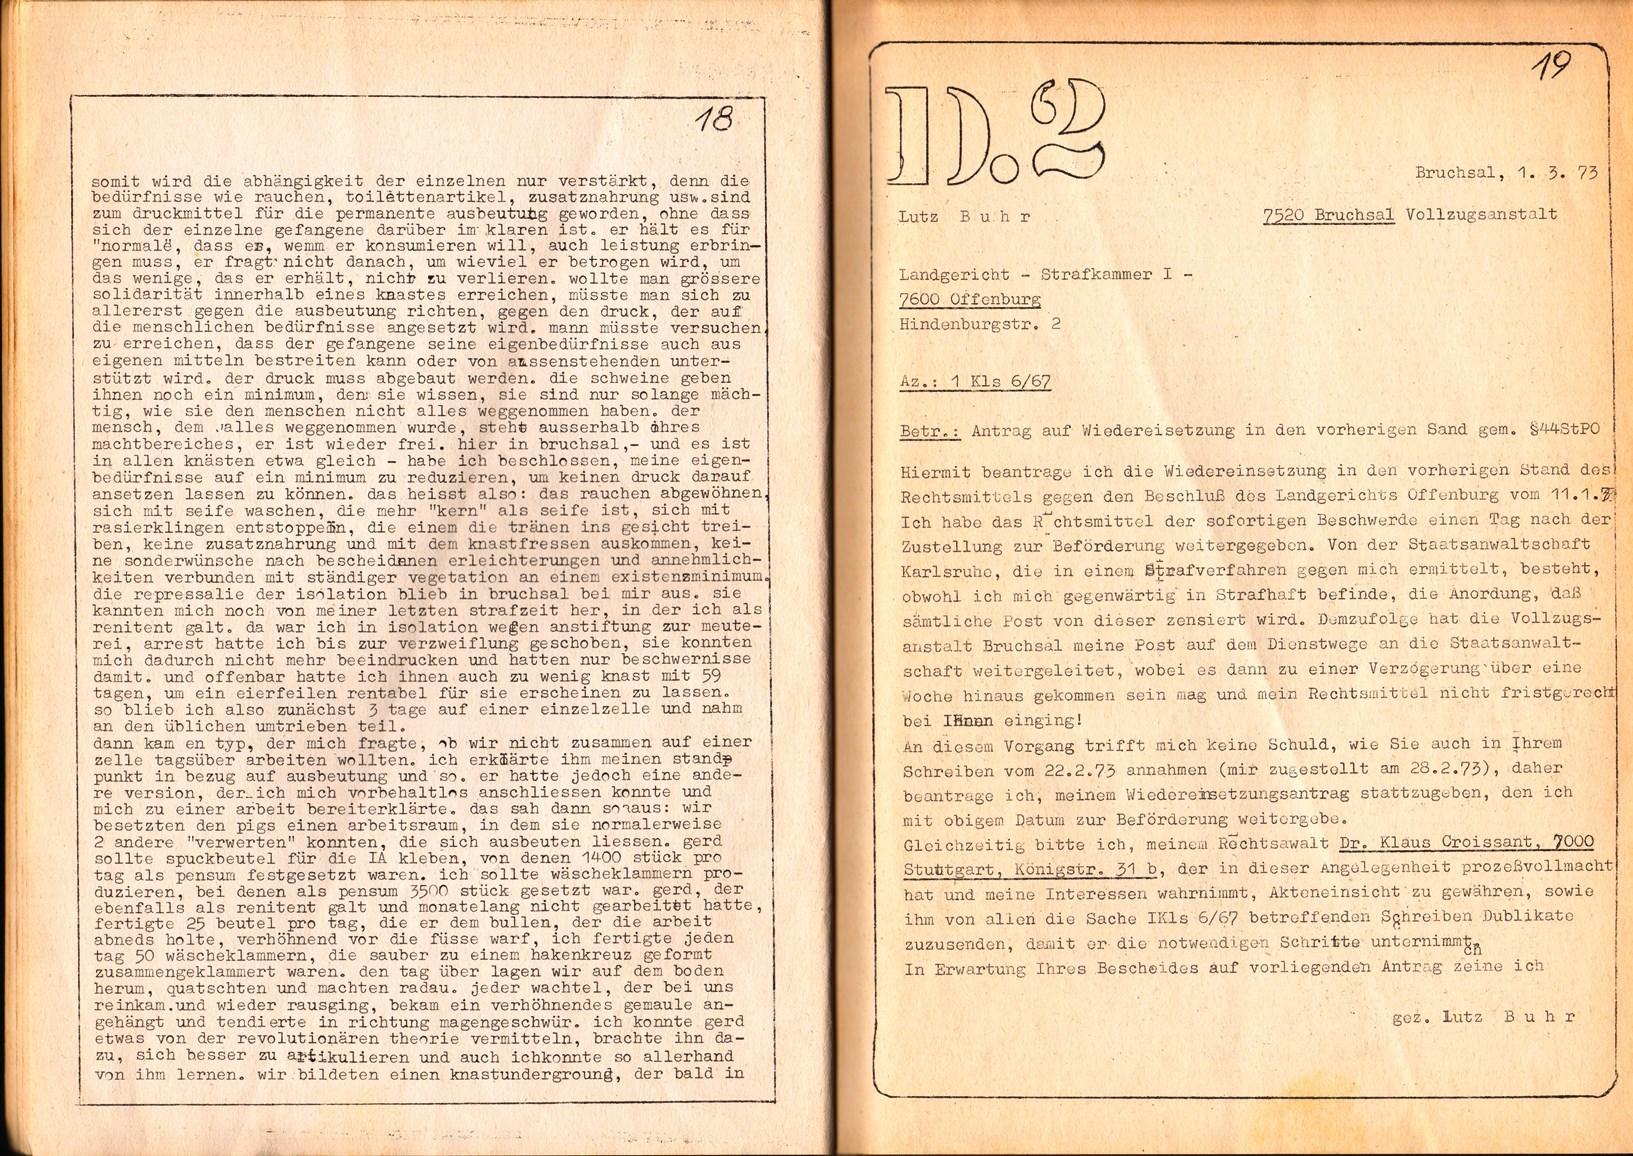 Wetzlar_Marburg_RH_SK_Lutz_Buhr_Knast_1973_10